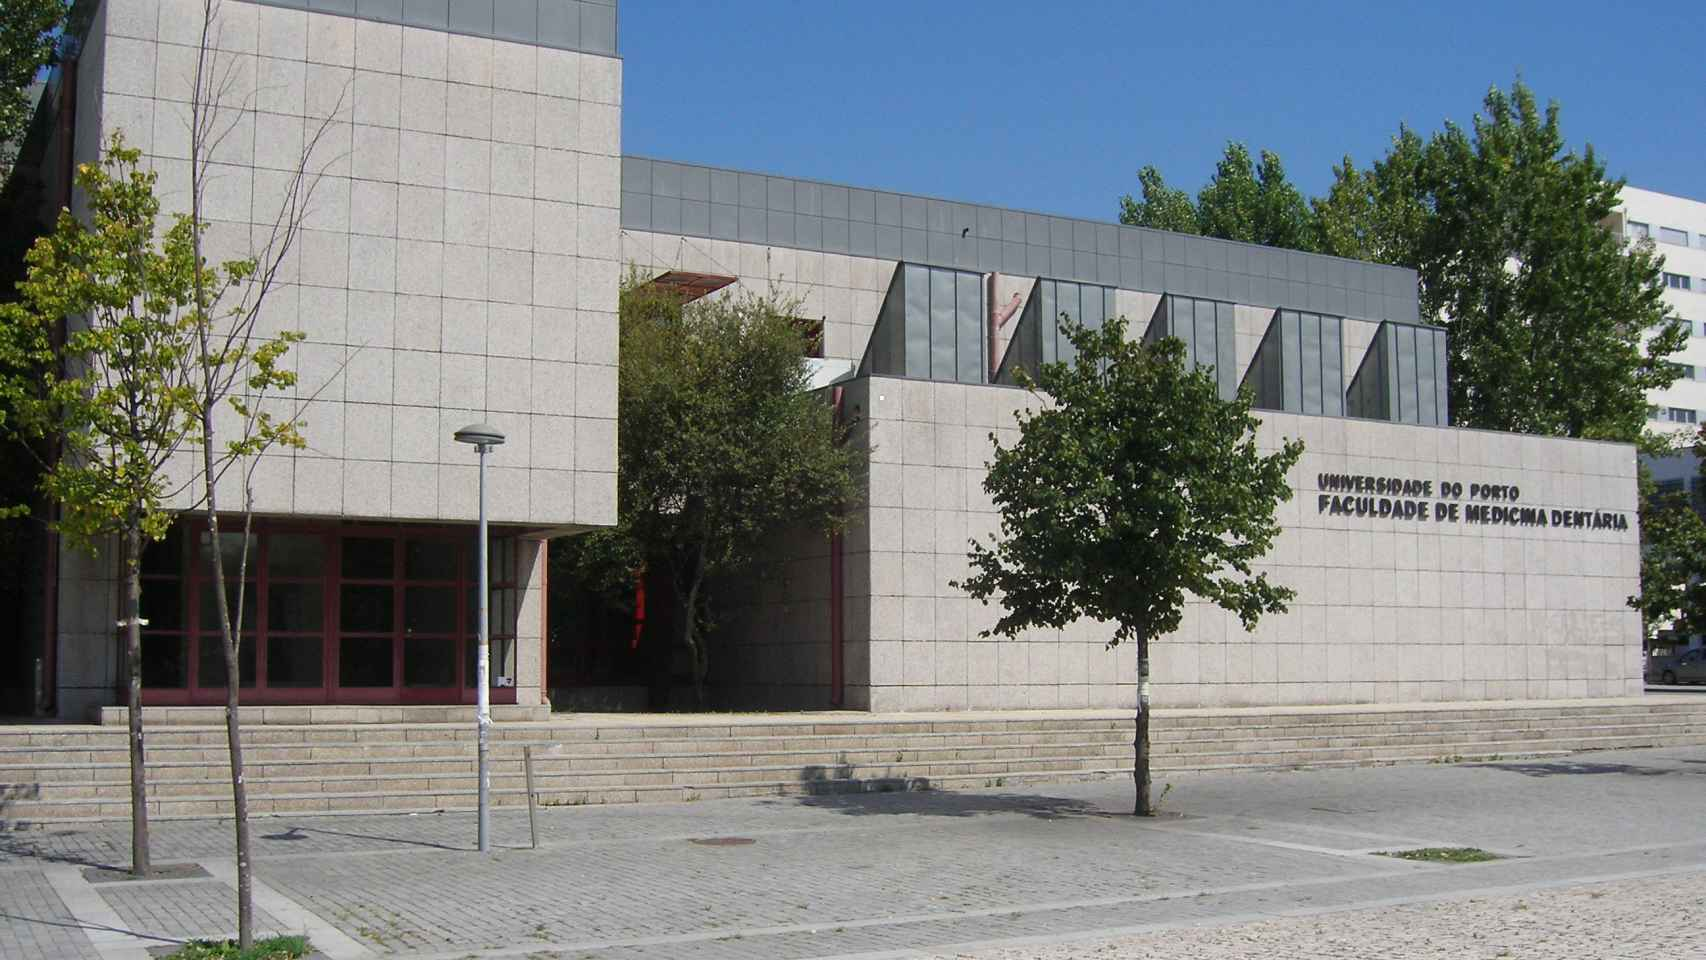 La fachada de la Facultad de Medicina Dental en Oporto.